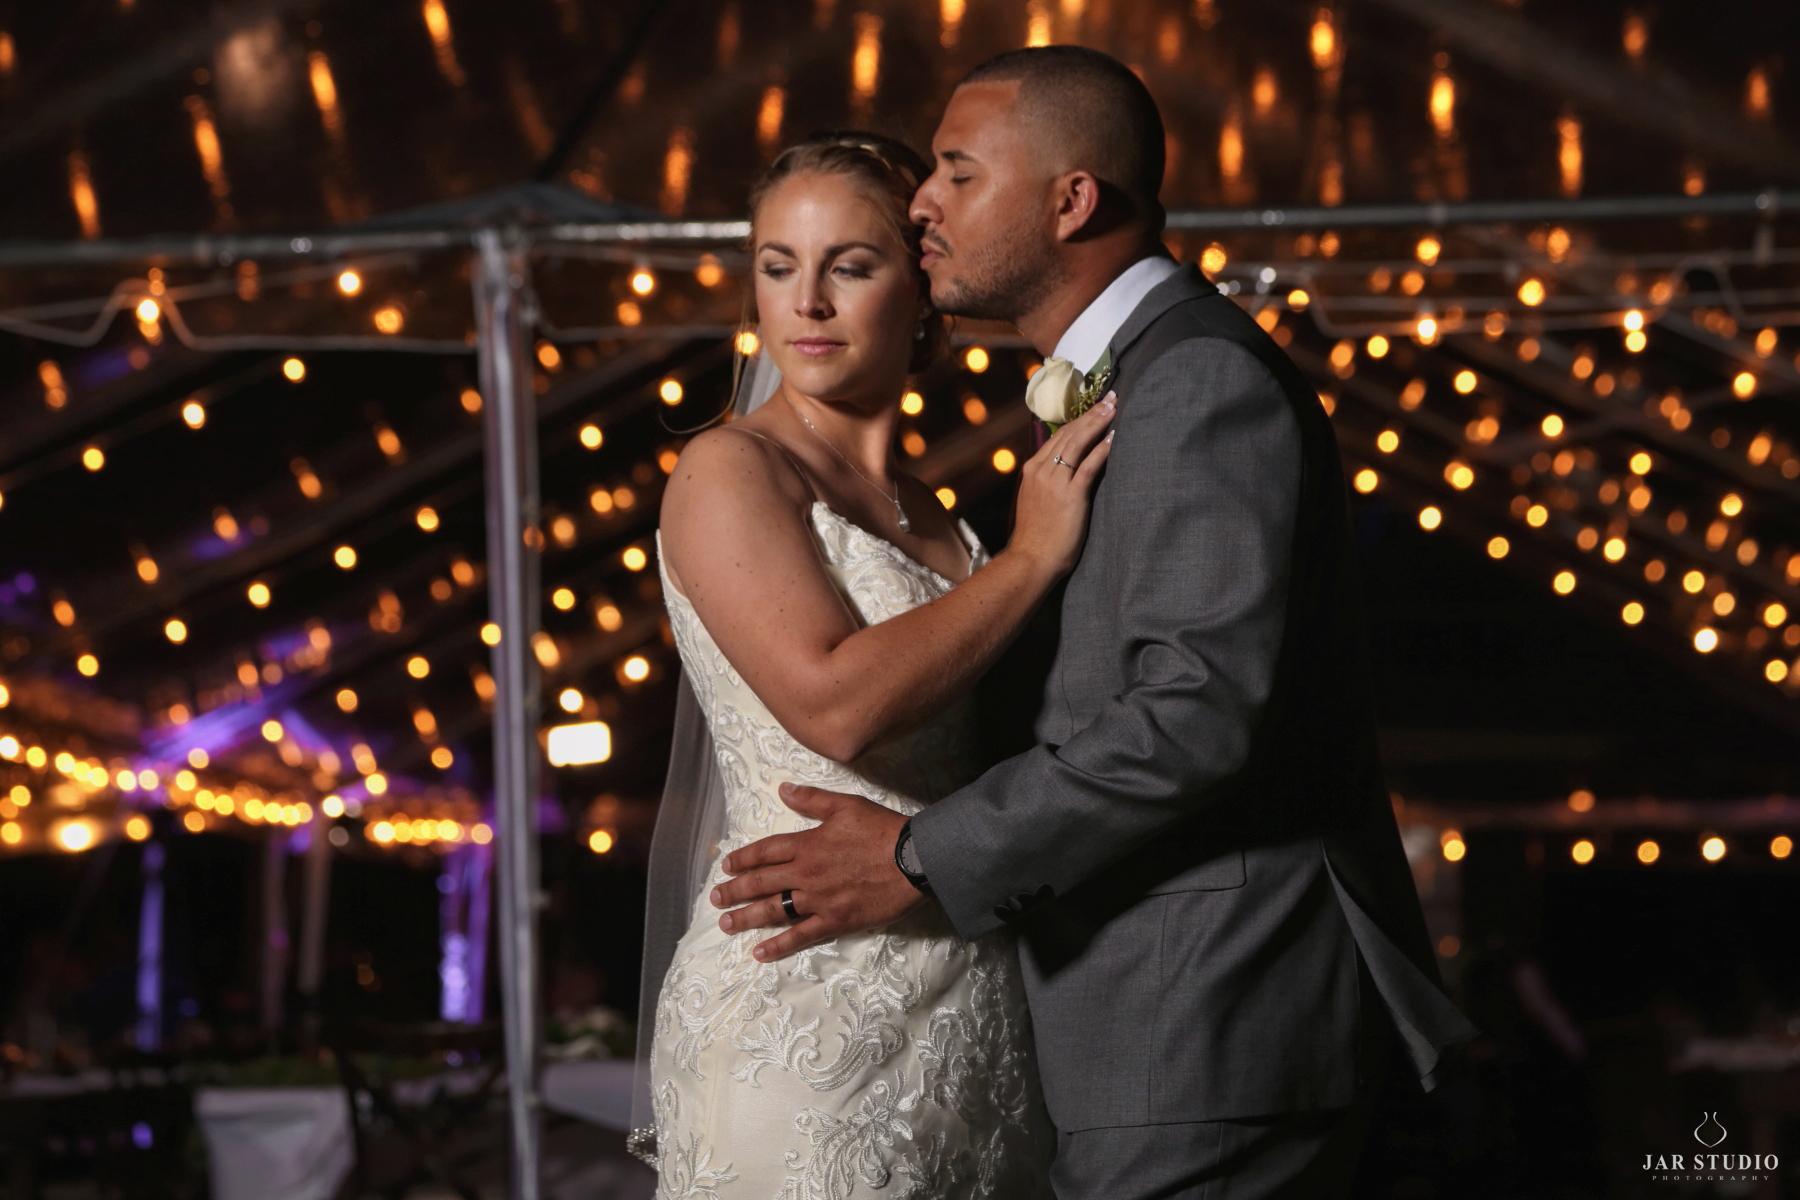 jarstudio-wedding-photographer-502.JPG